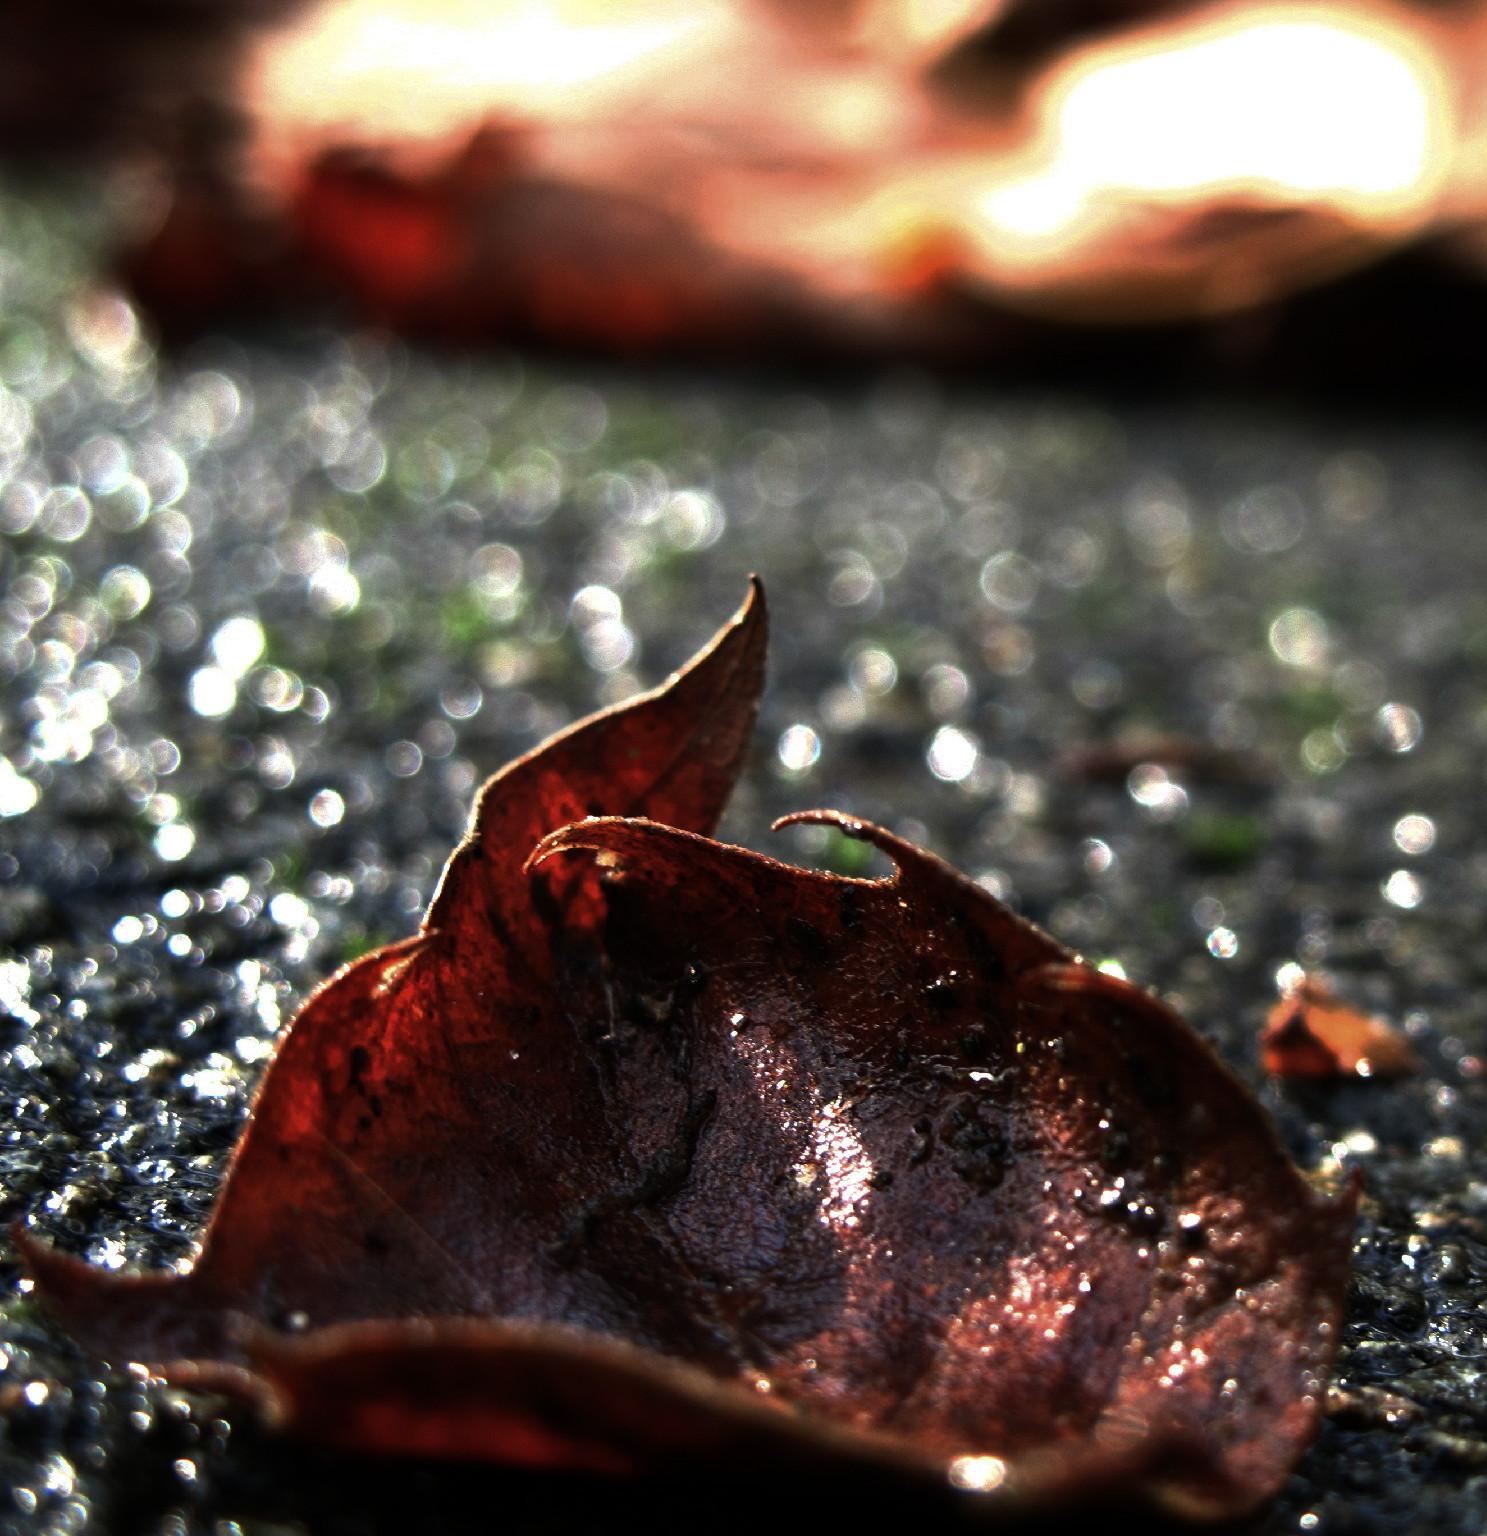 Flamy Leaf by spoukideria